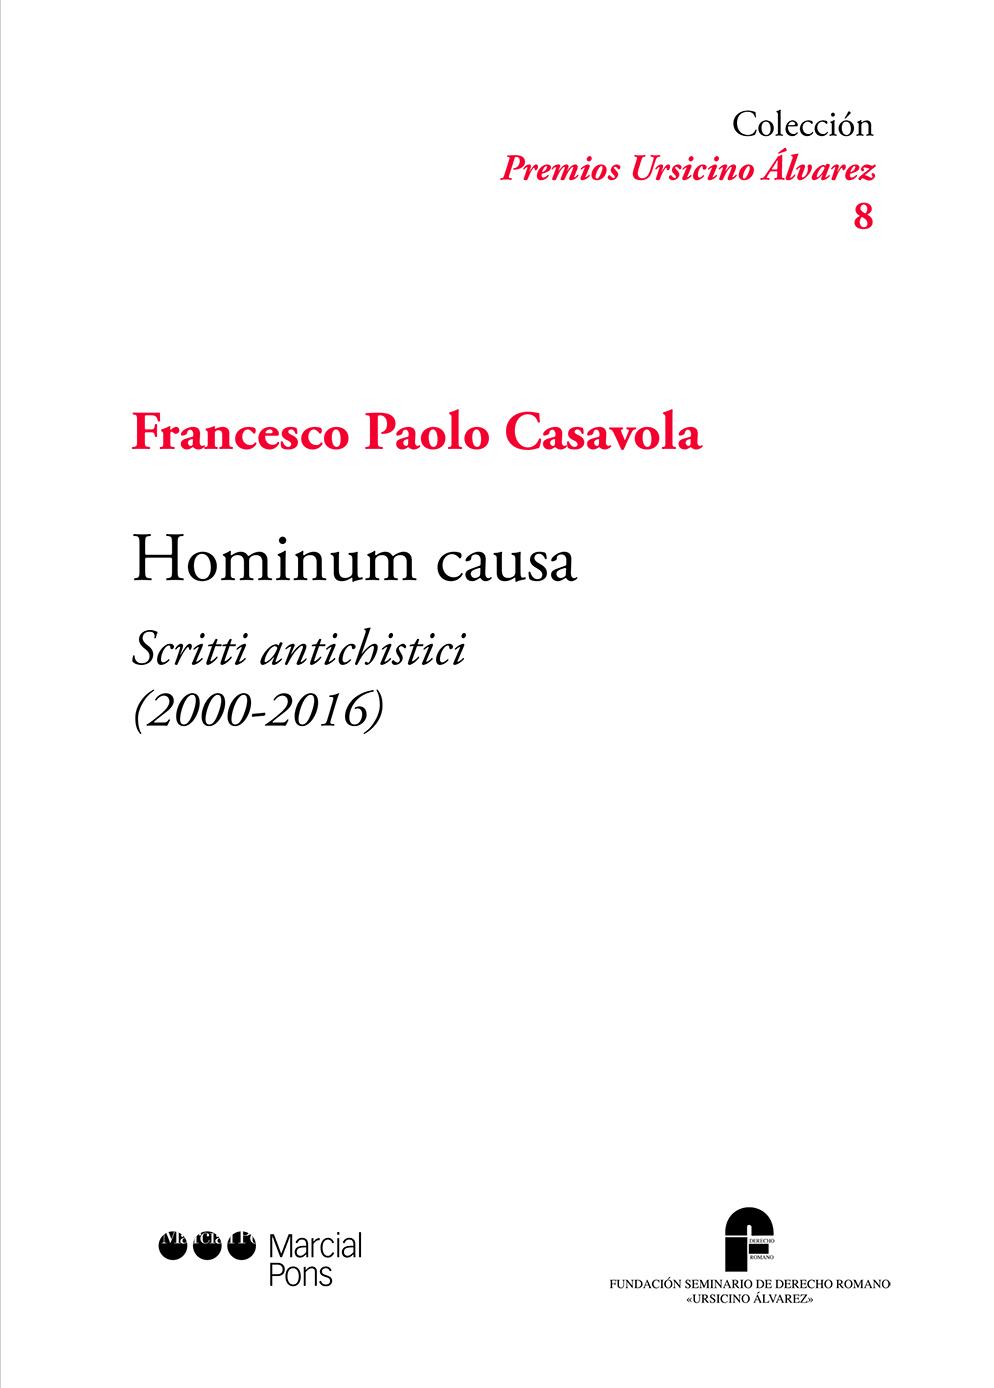 Hominum causa librer a bosch - Libreria marcial pons barcelona ...